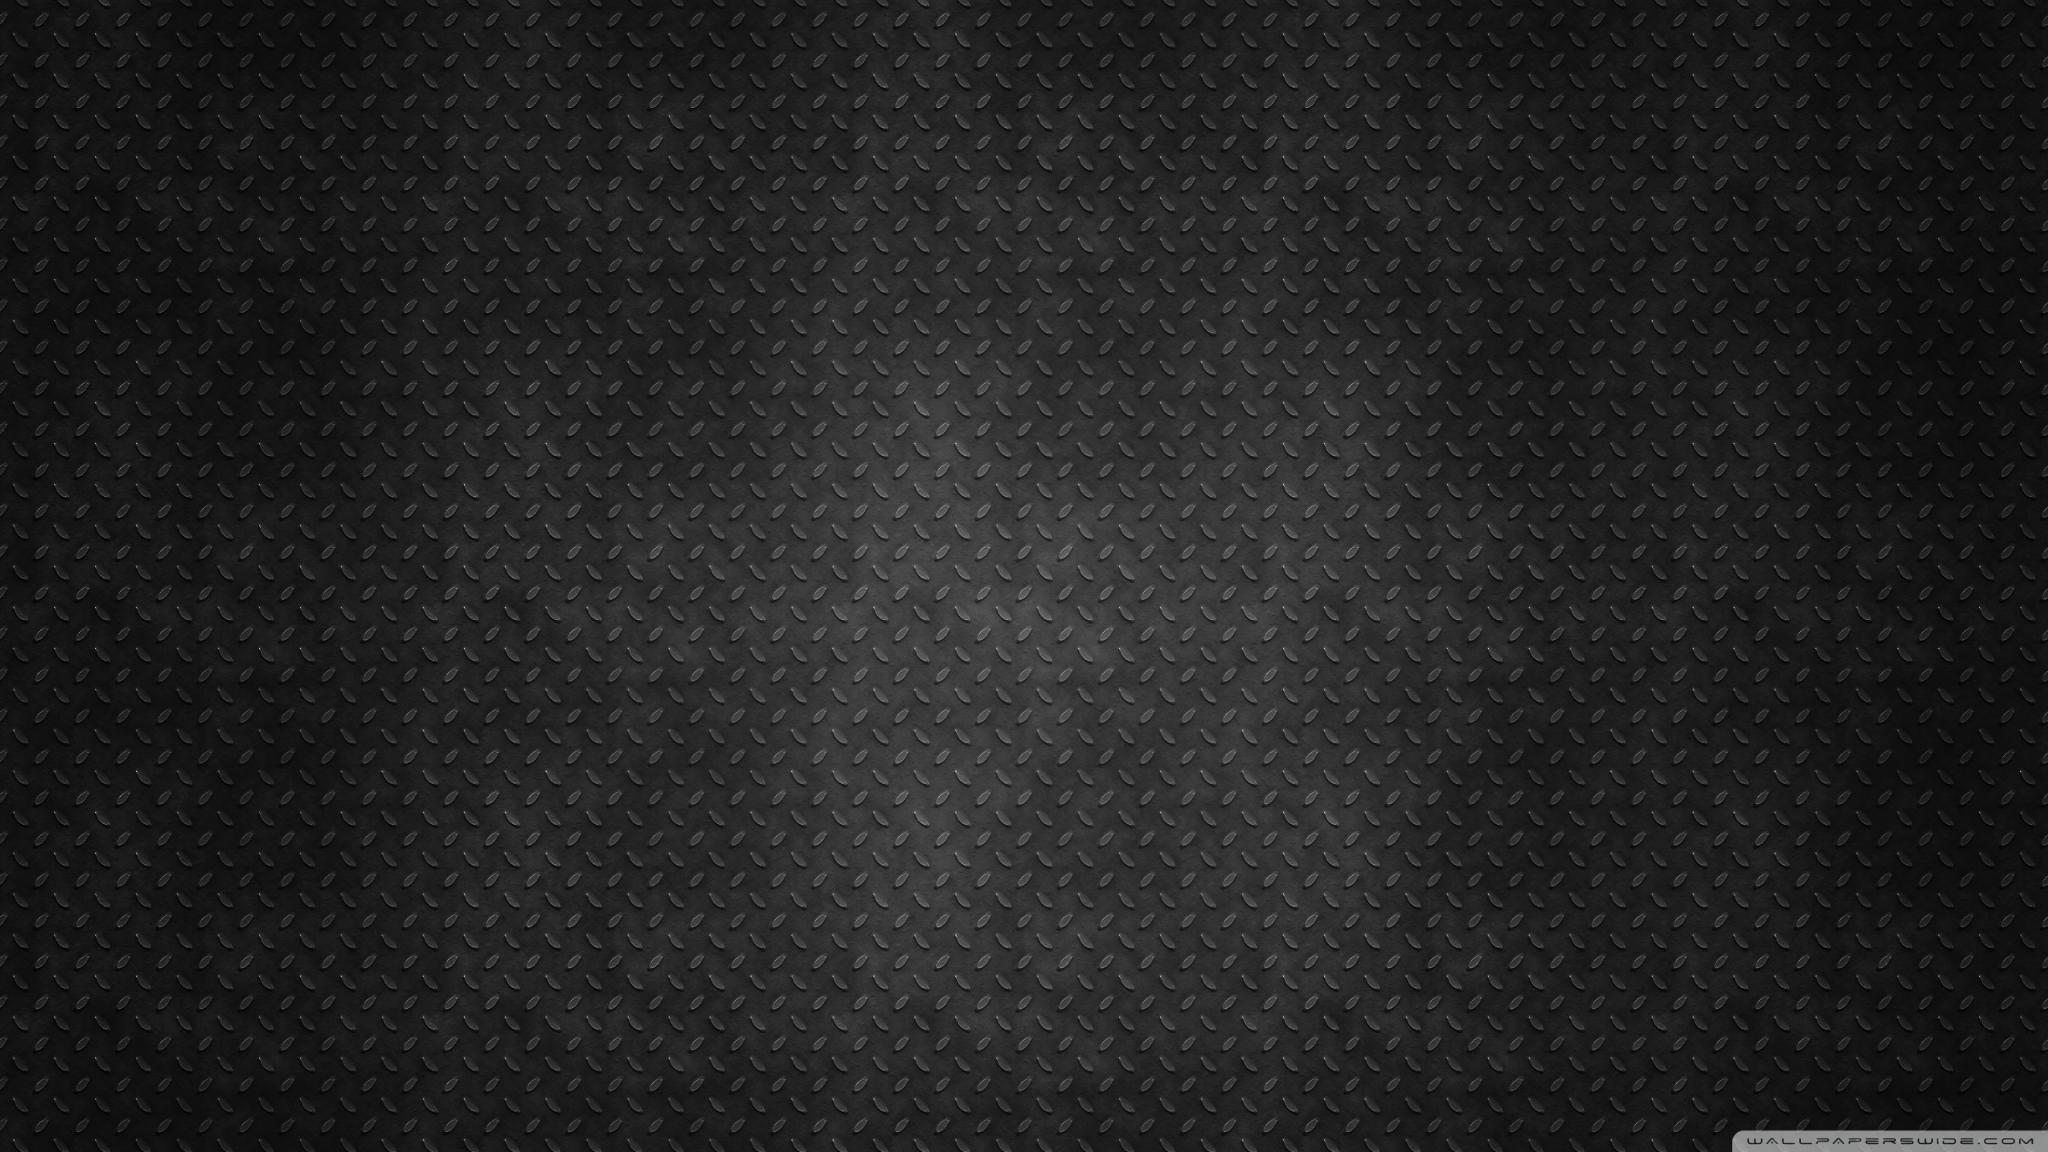 Картинки 2048 пикселей в ширину и 1152 пикселя в высоту и ширину